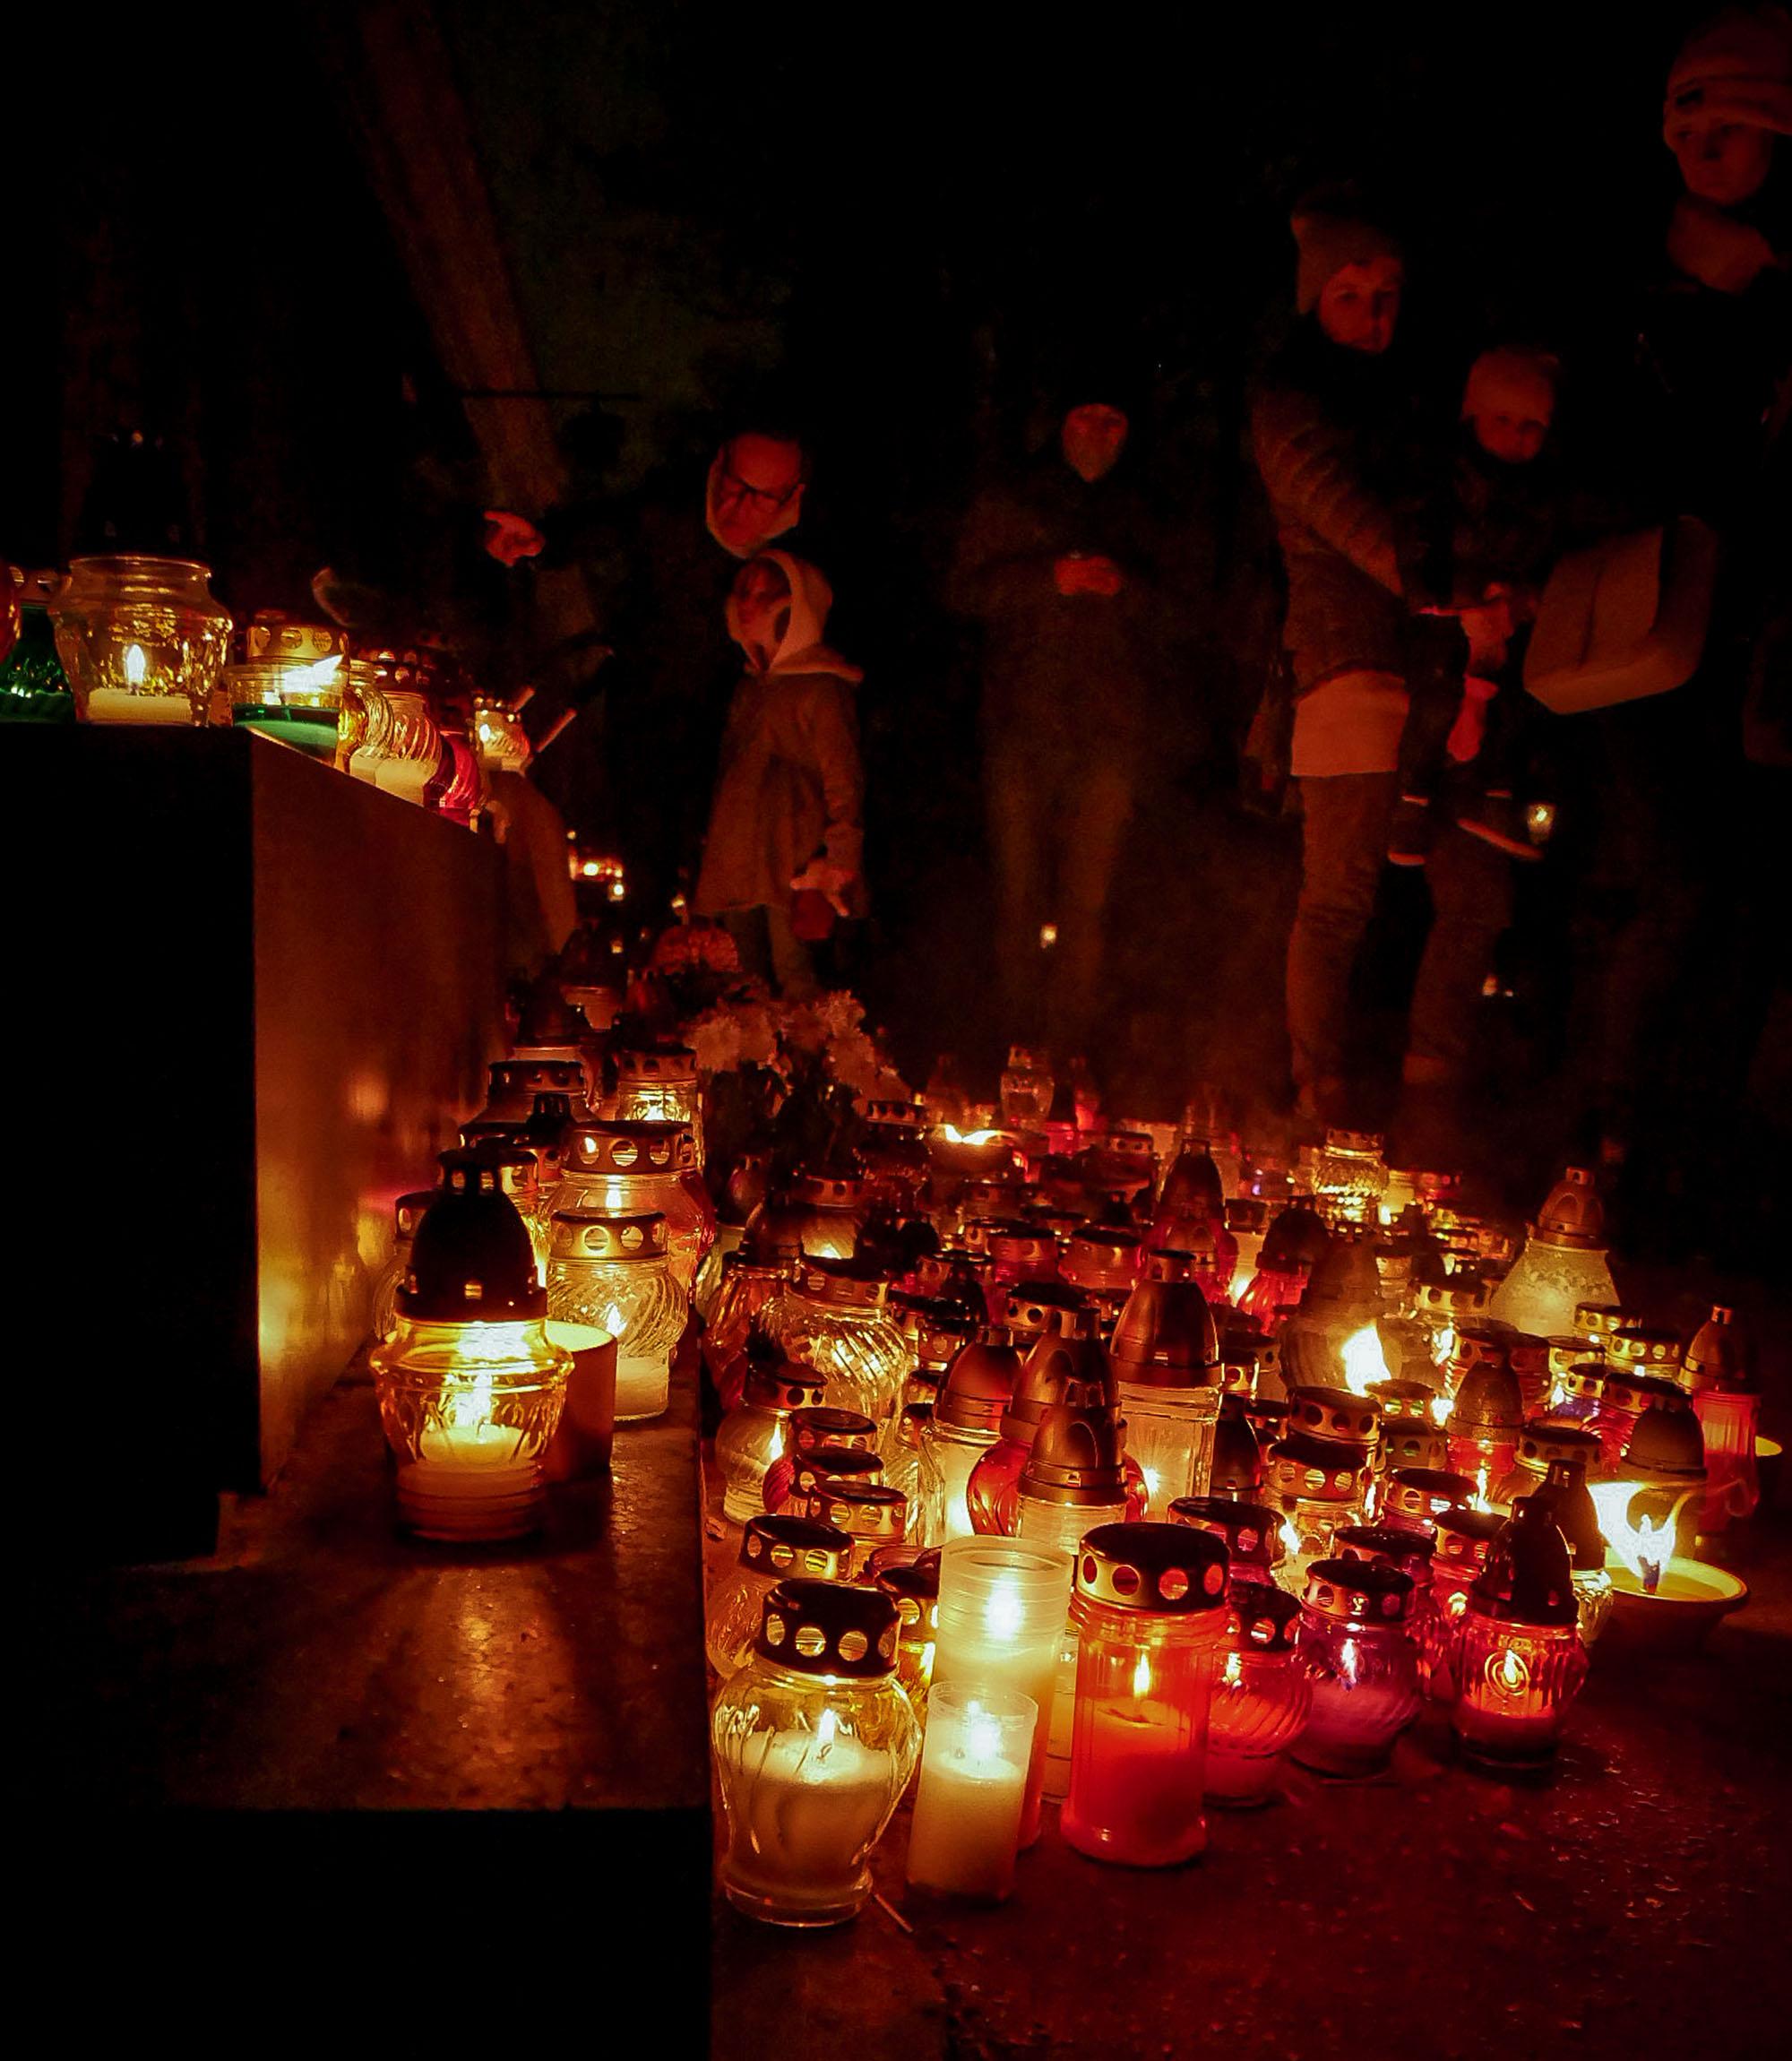 All Saints Day at Powazki Cemetery, Warsaw Poland